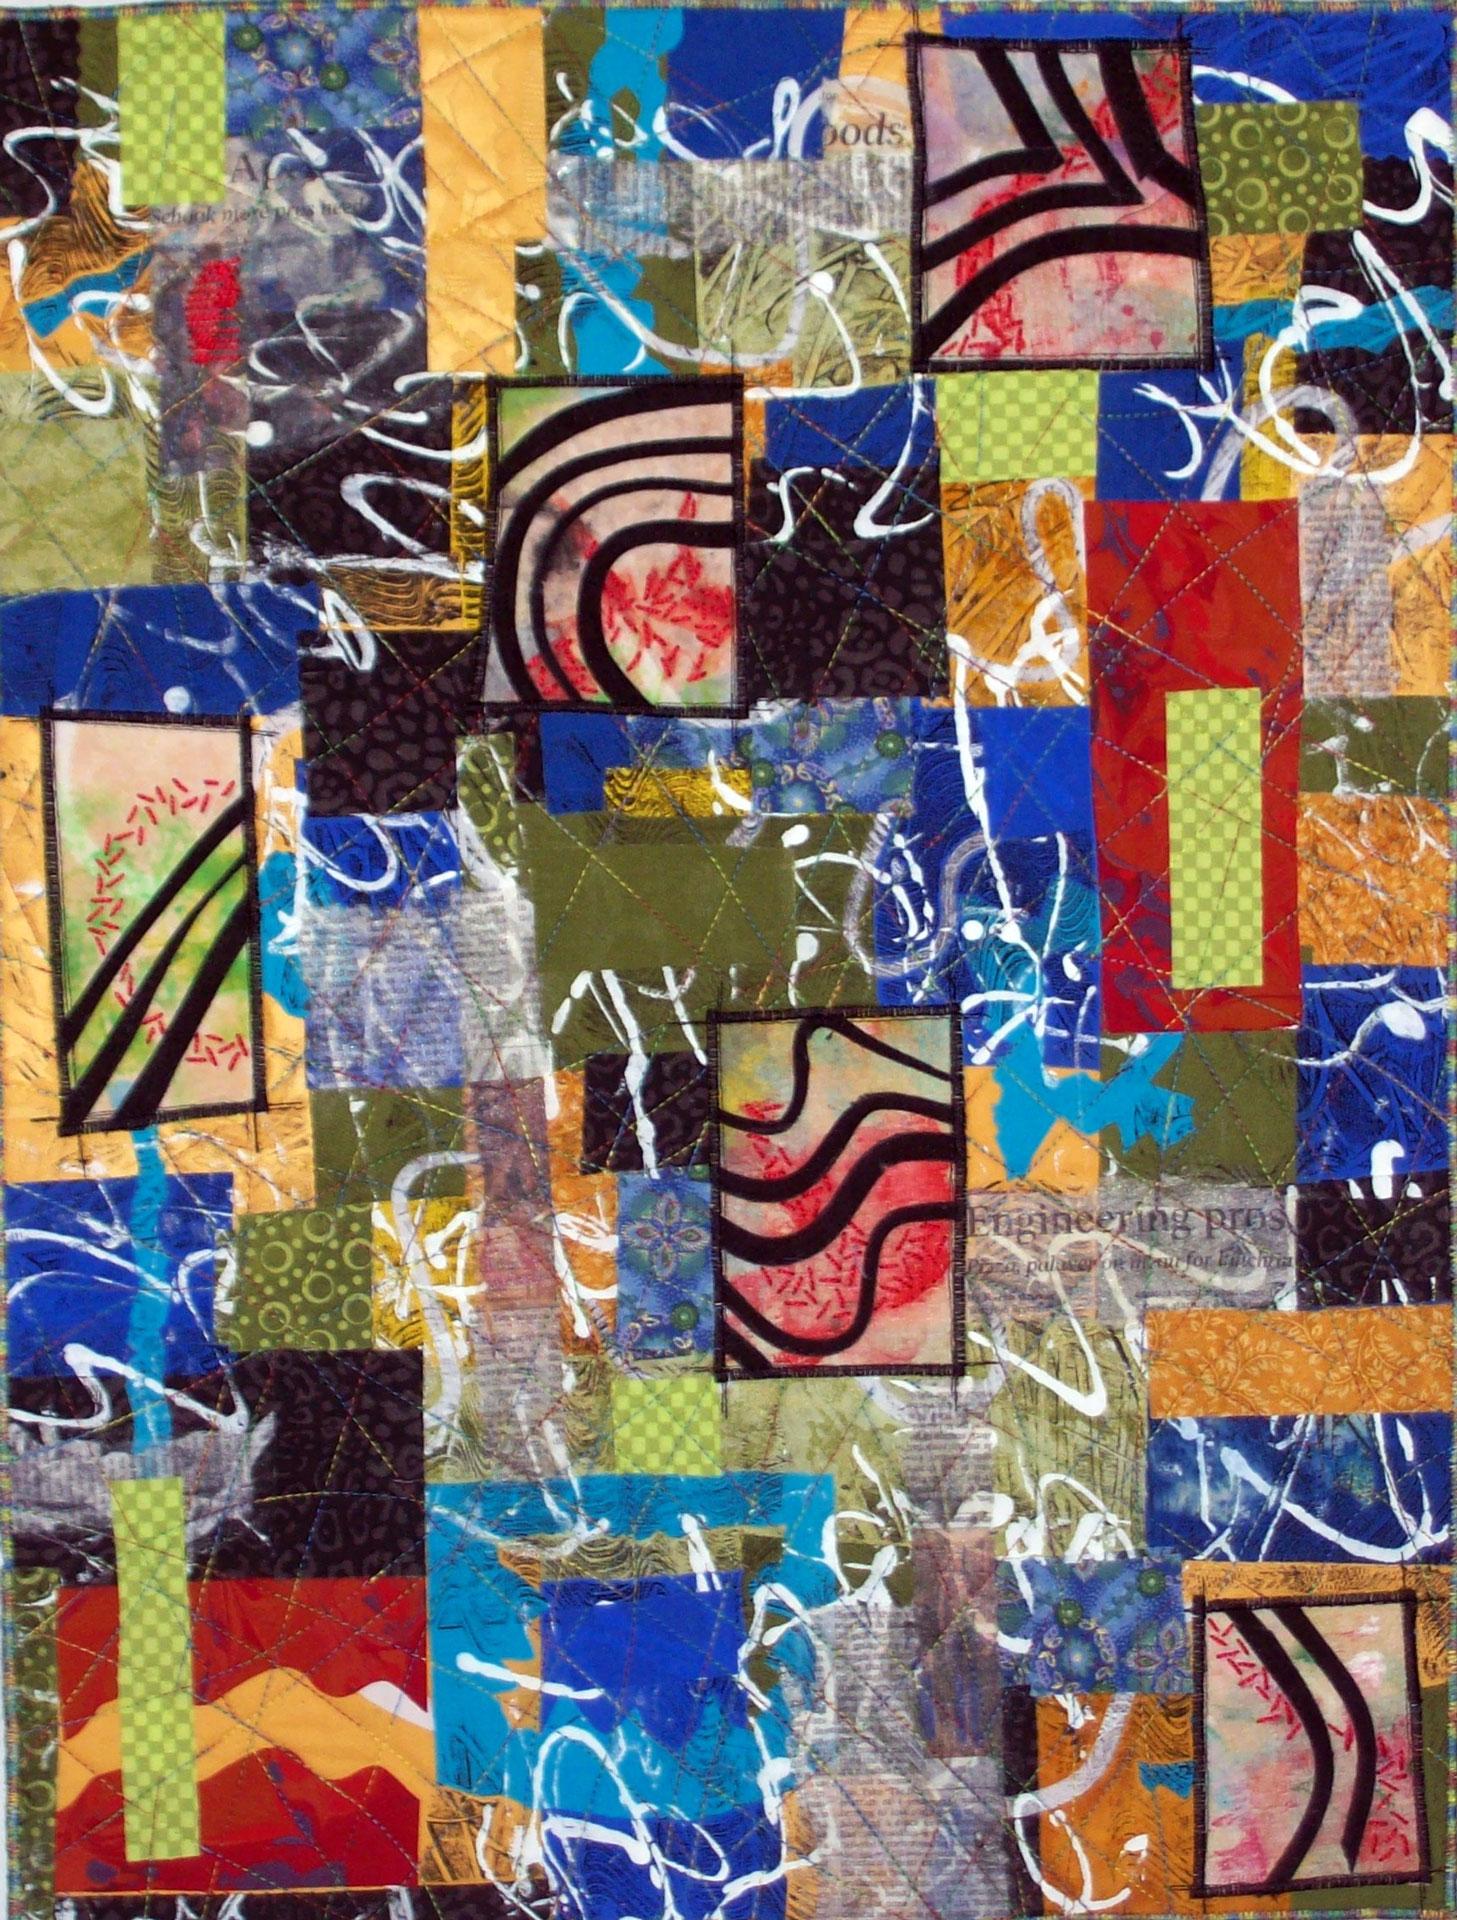 Graffiti Abstract #1